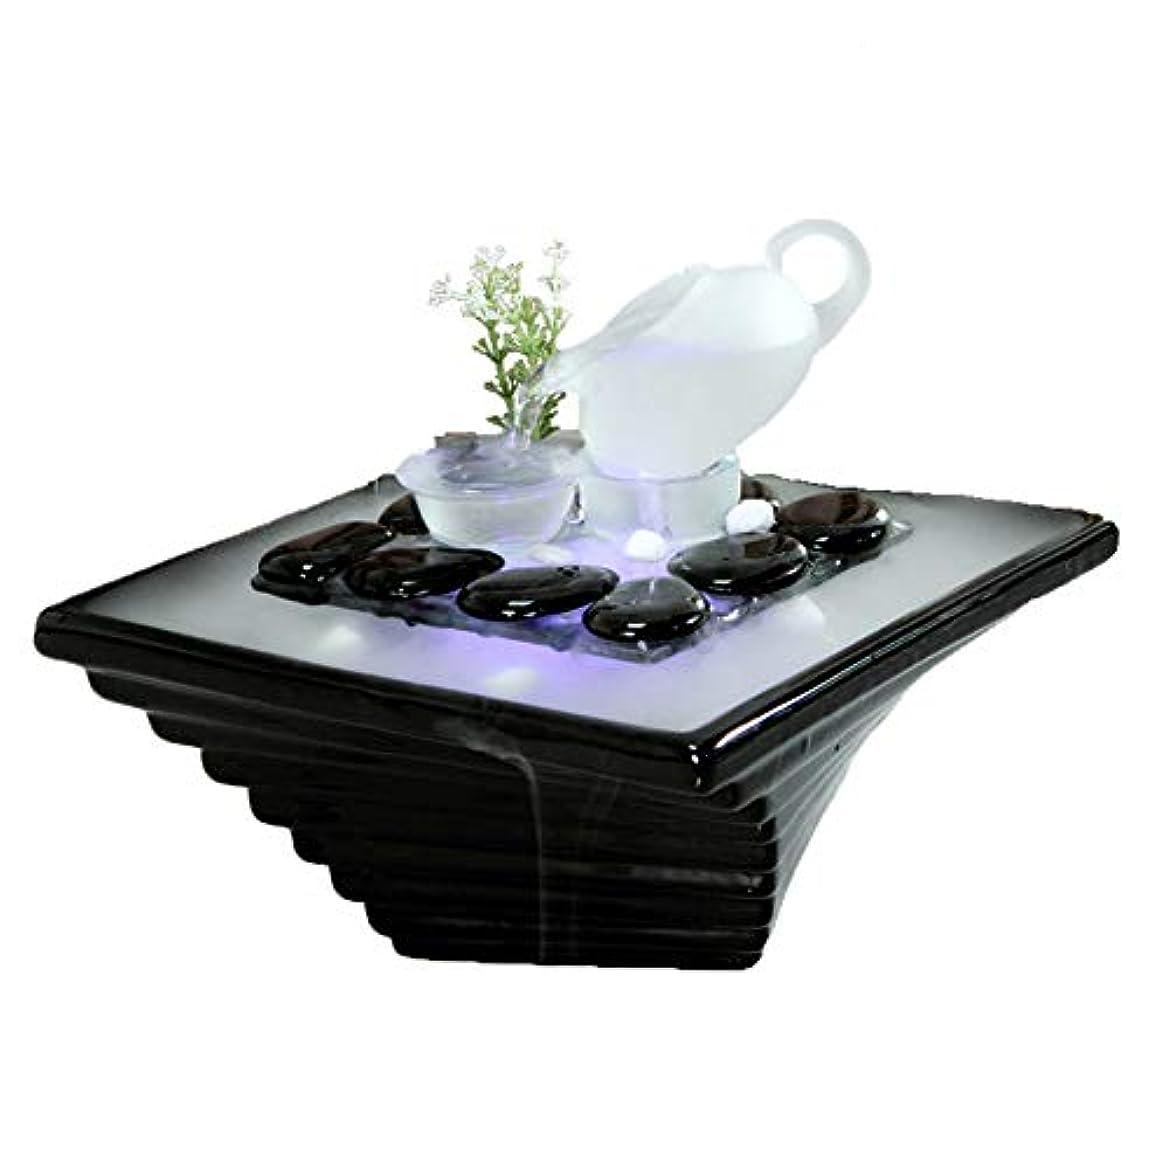 メッシュ医師成果エッセンシャルオイルディフューザー空気加湿器セラミッククラフトクリエイティブホームデスクトップ装飾アロマセラピー絶妙なギフト,Black